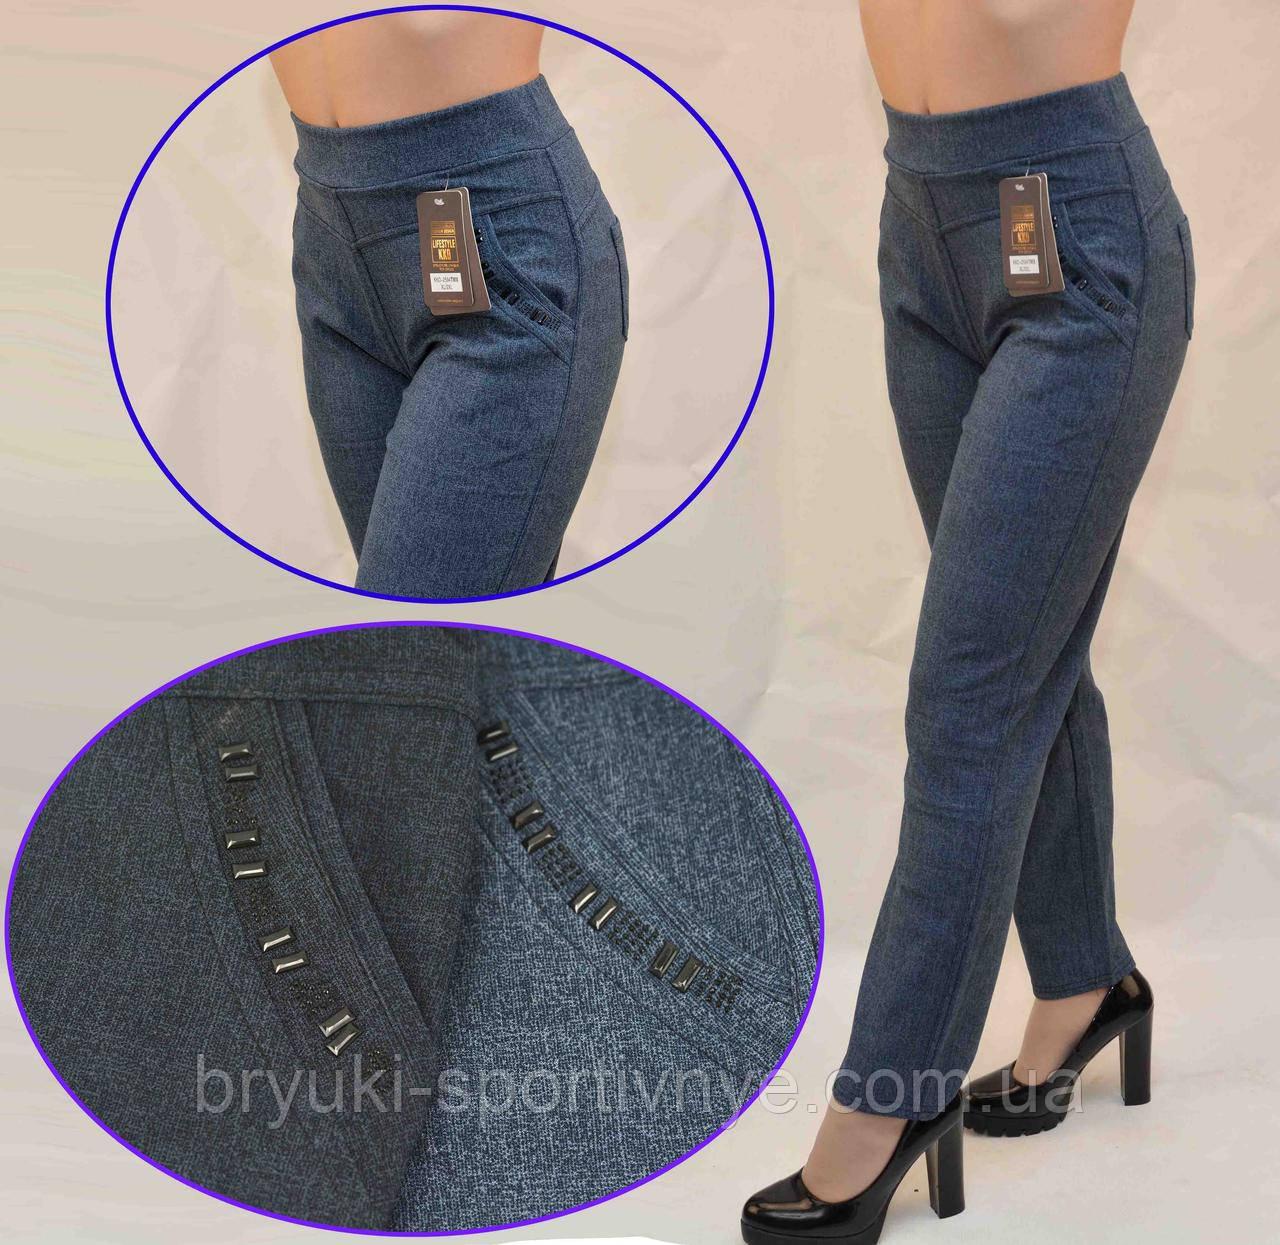 Брюки - леггинсы женские с карманами в больших размерах